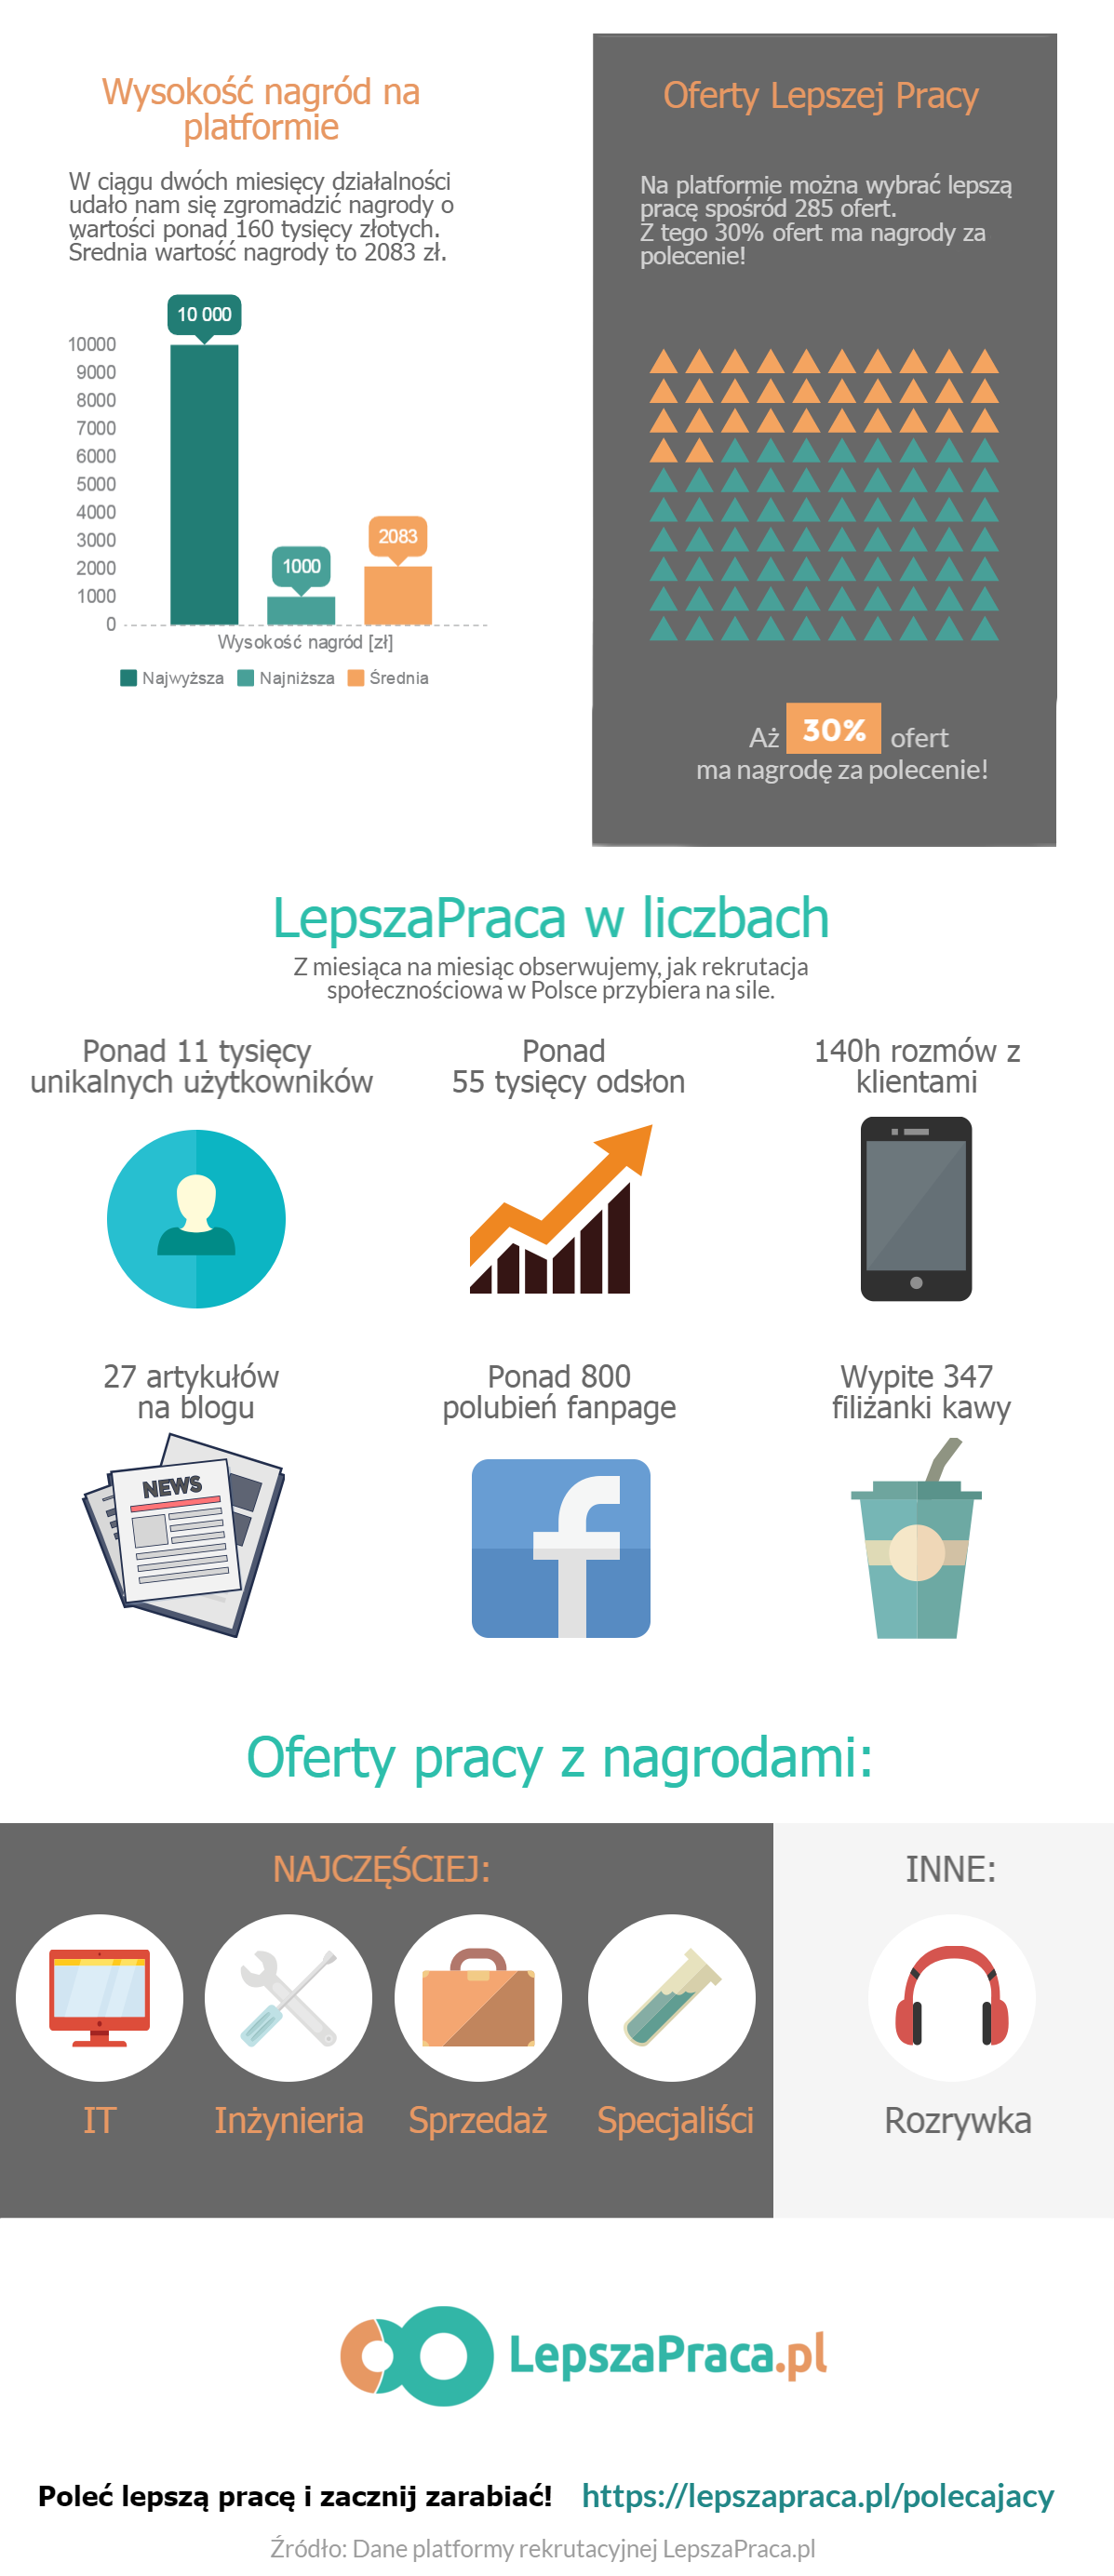 LepszaPraca.pl1